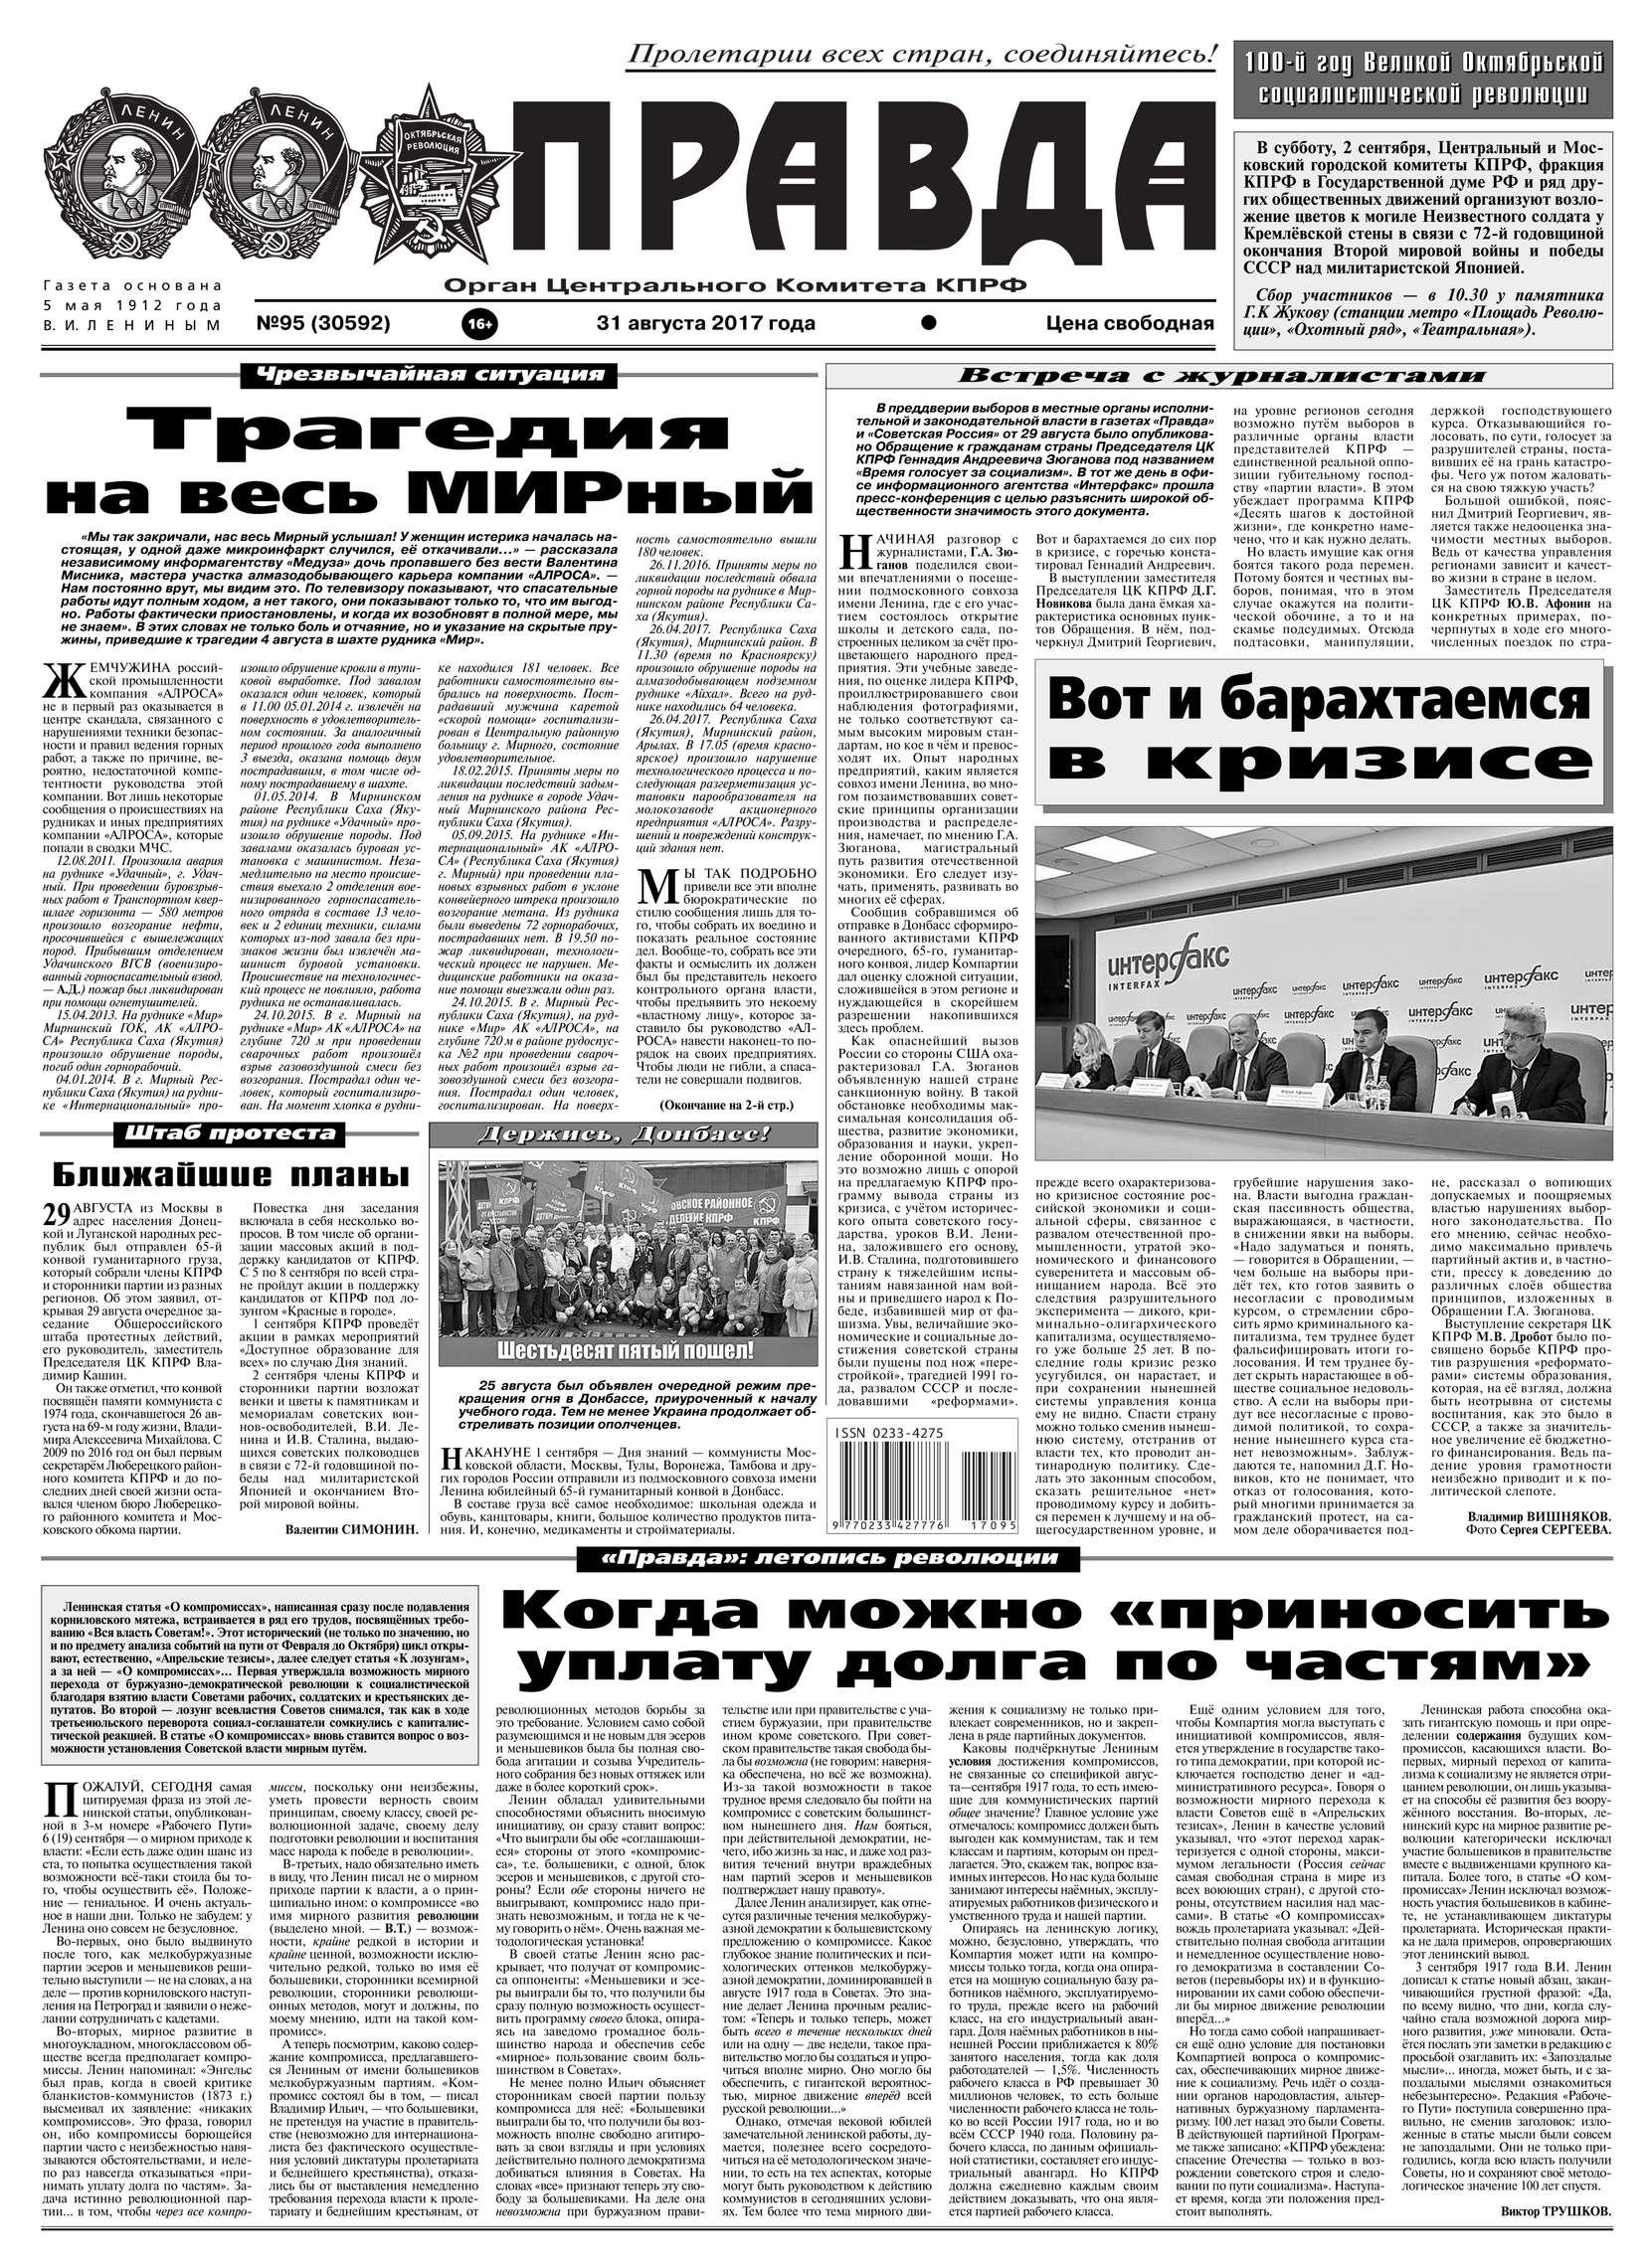 Редакция газеты Правда Правда 95-2017 редакция газеты новая газета новая газета 95 2017